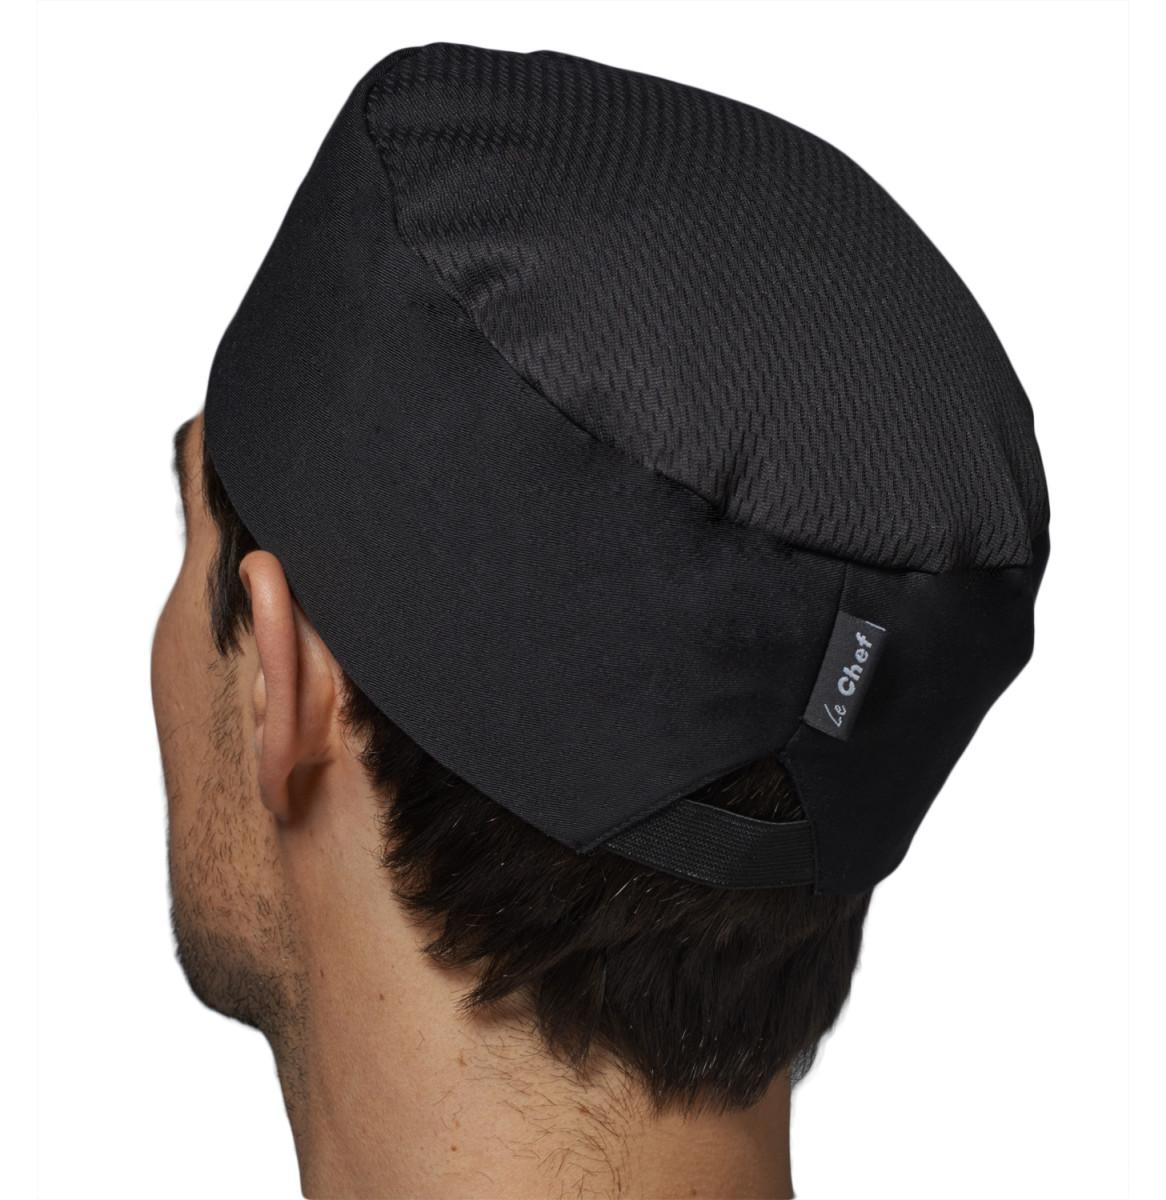 Thermocool Skull Cap